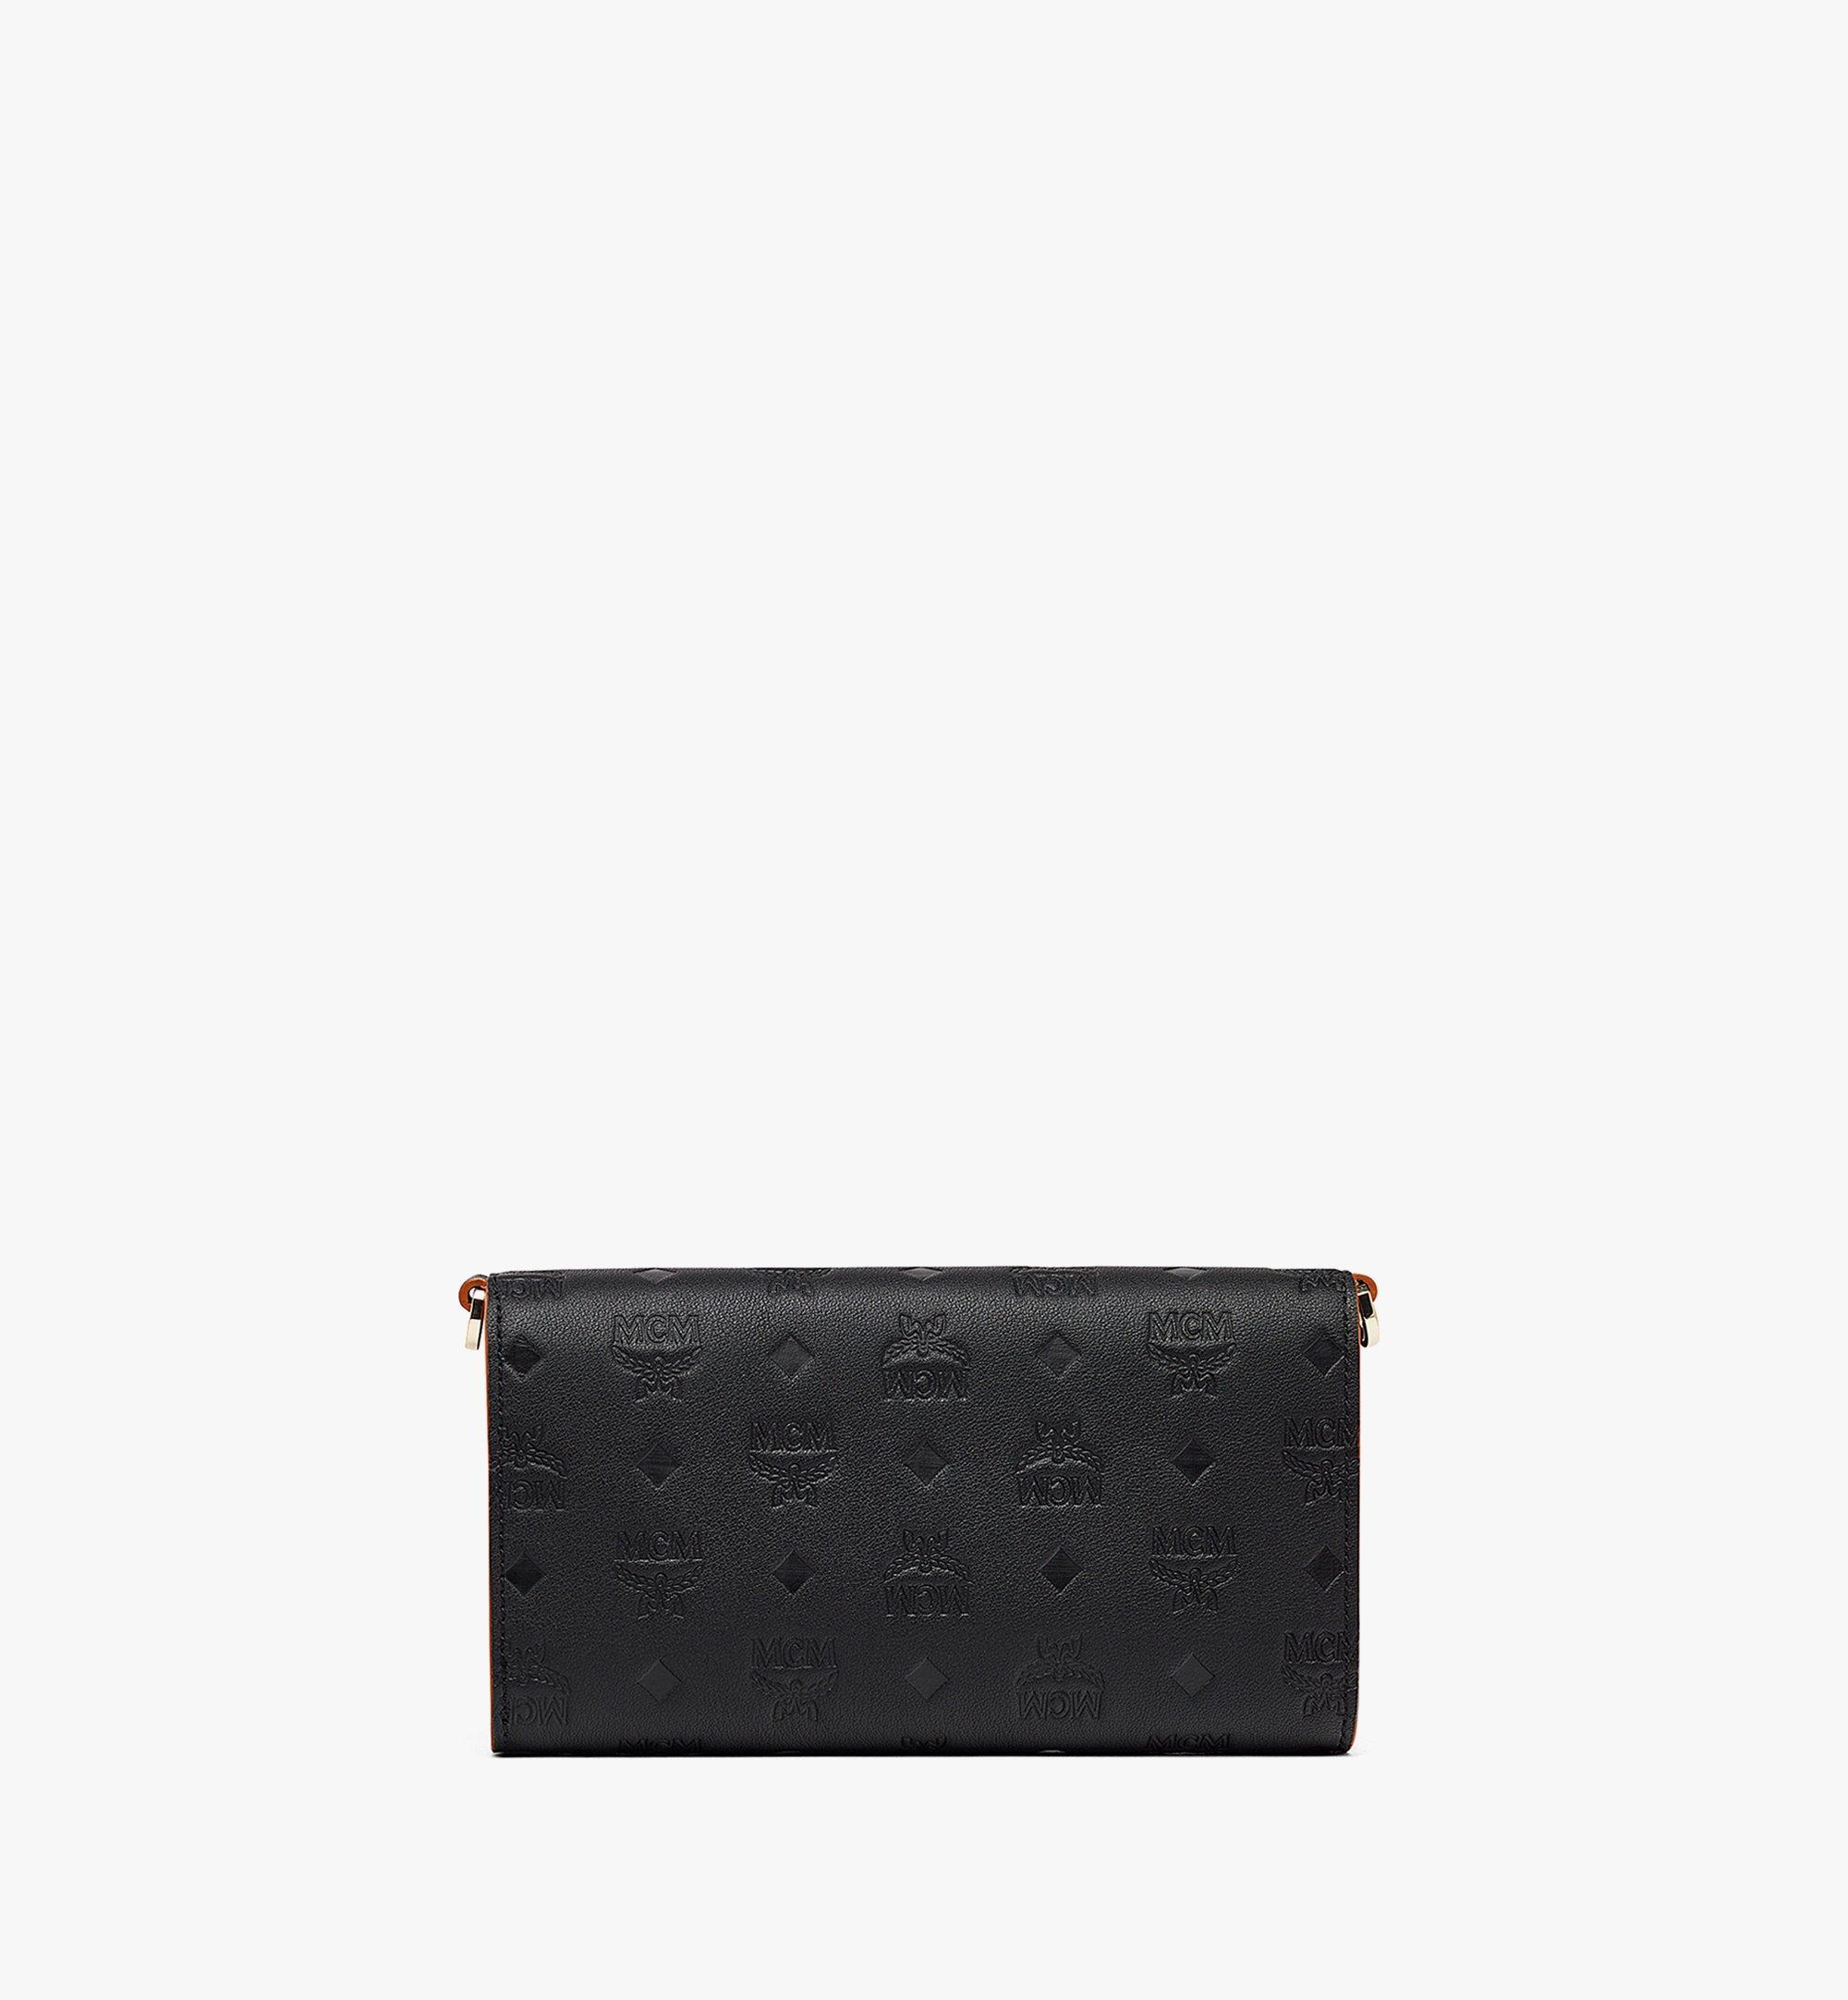 MCM Klara Multifunktionale Brieftasche aus Leder mit Monogramm und Kettenriemen Black MXEBAKM01BK001 Noch mehr sehen 2